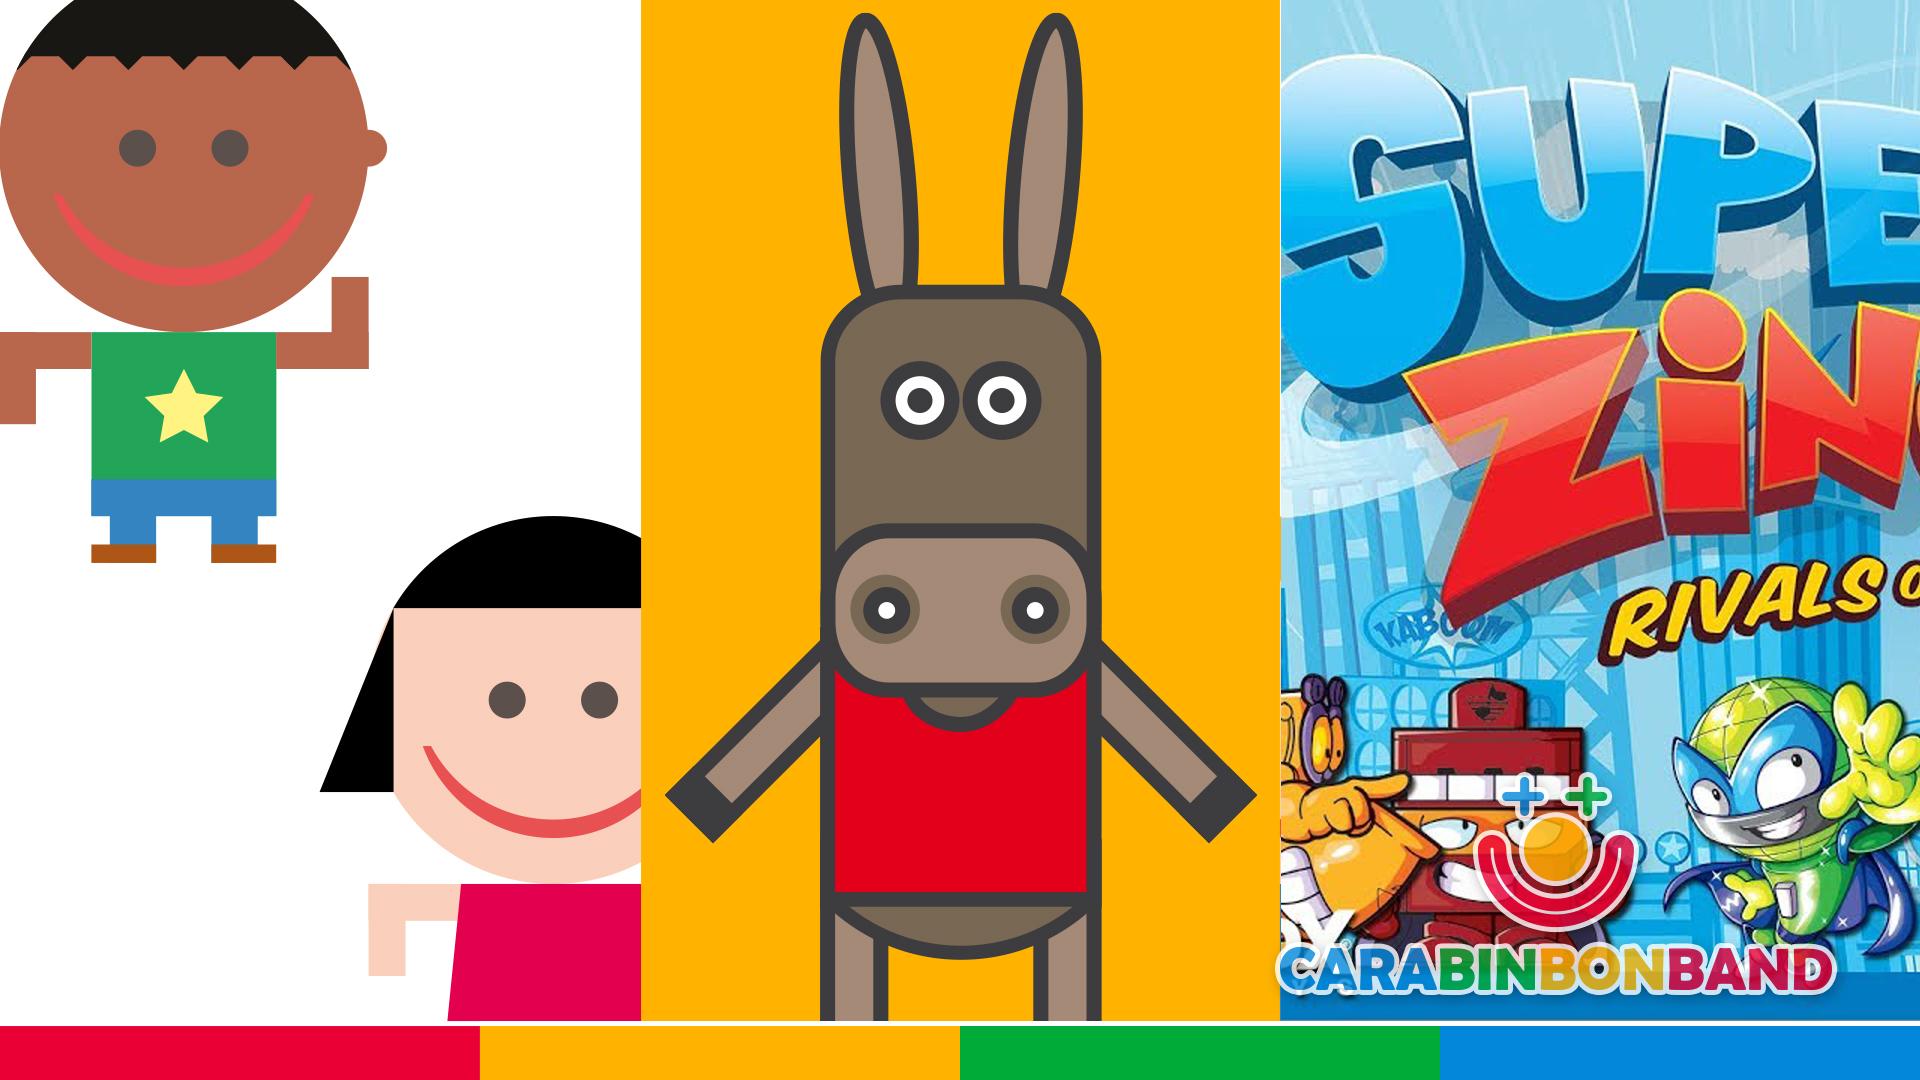 Canciones infantiles originales en español - música para niños y niñas 2019